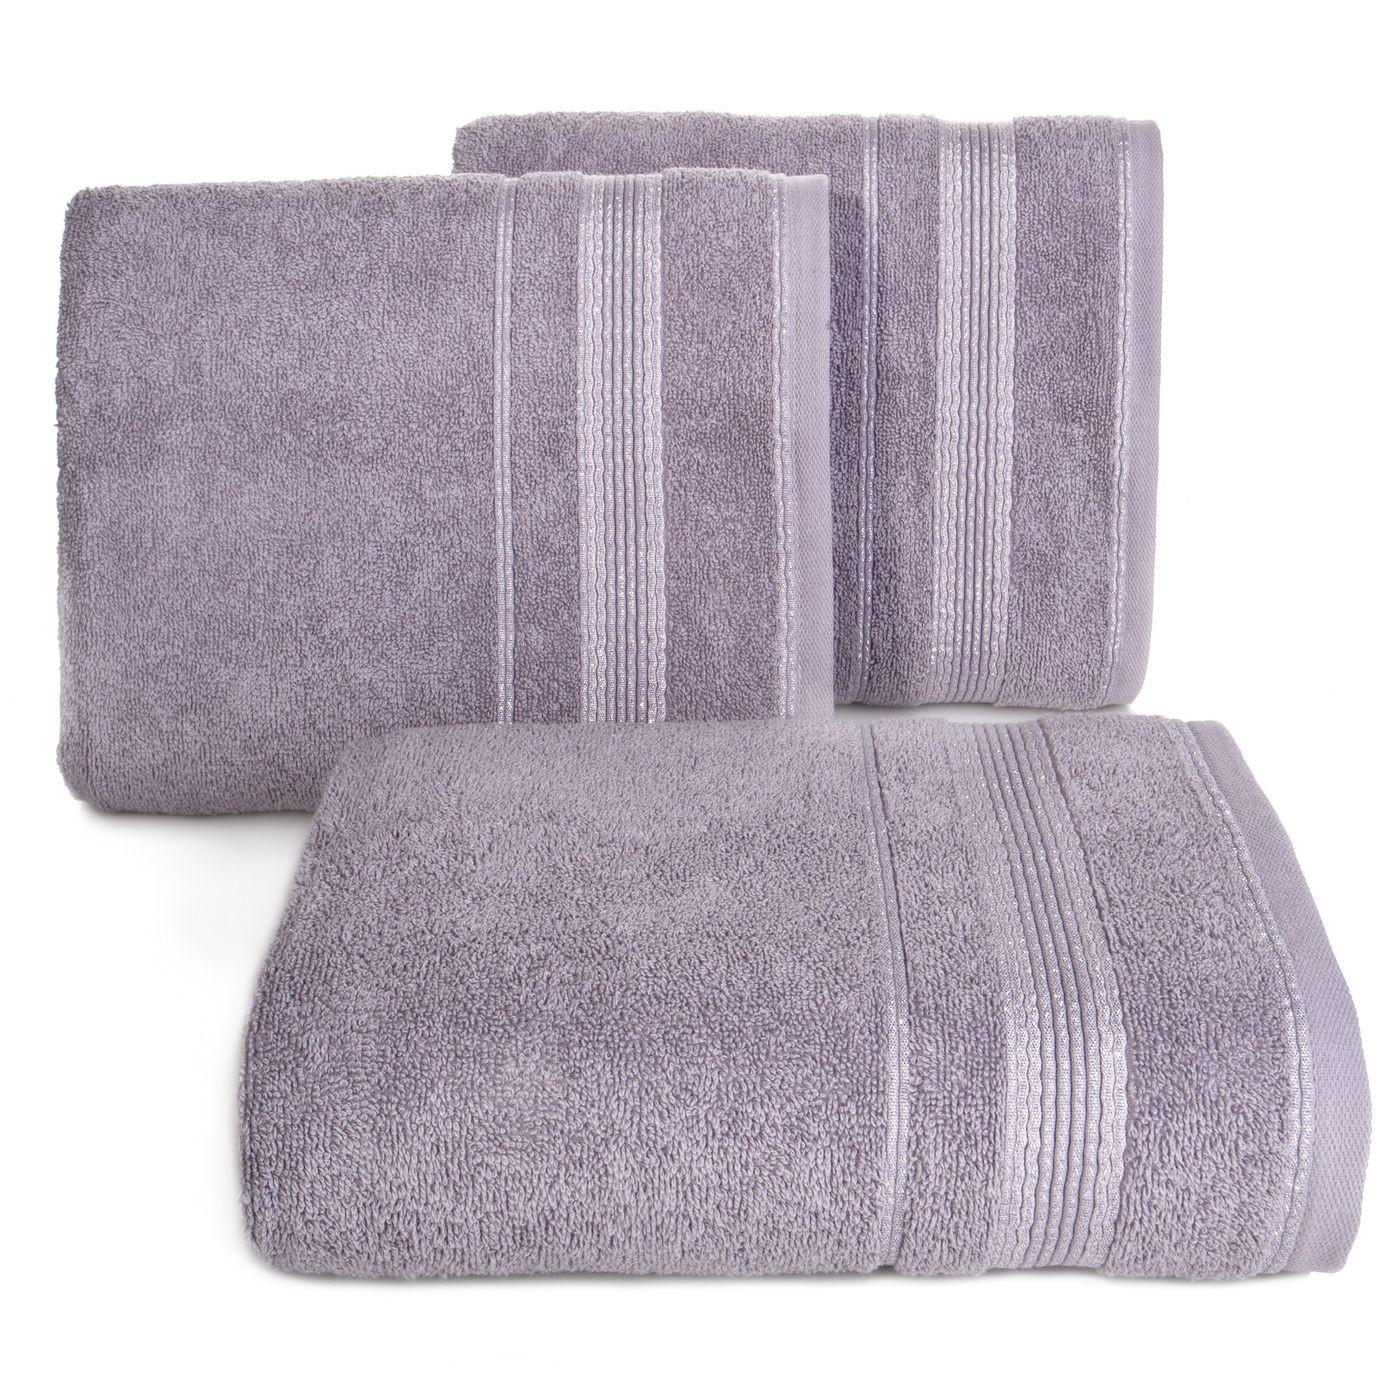 Ręcznik z bawełny z bordiurą podkreśloną srebrną nitką 70x140cm